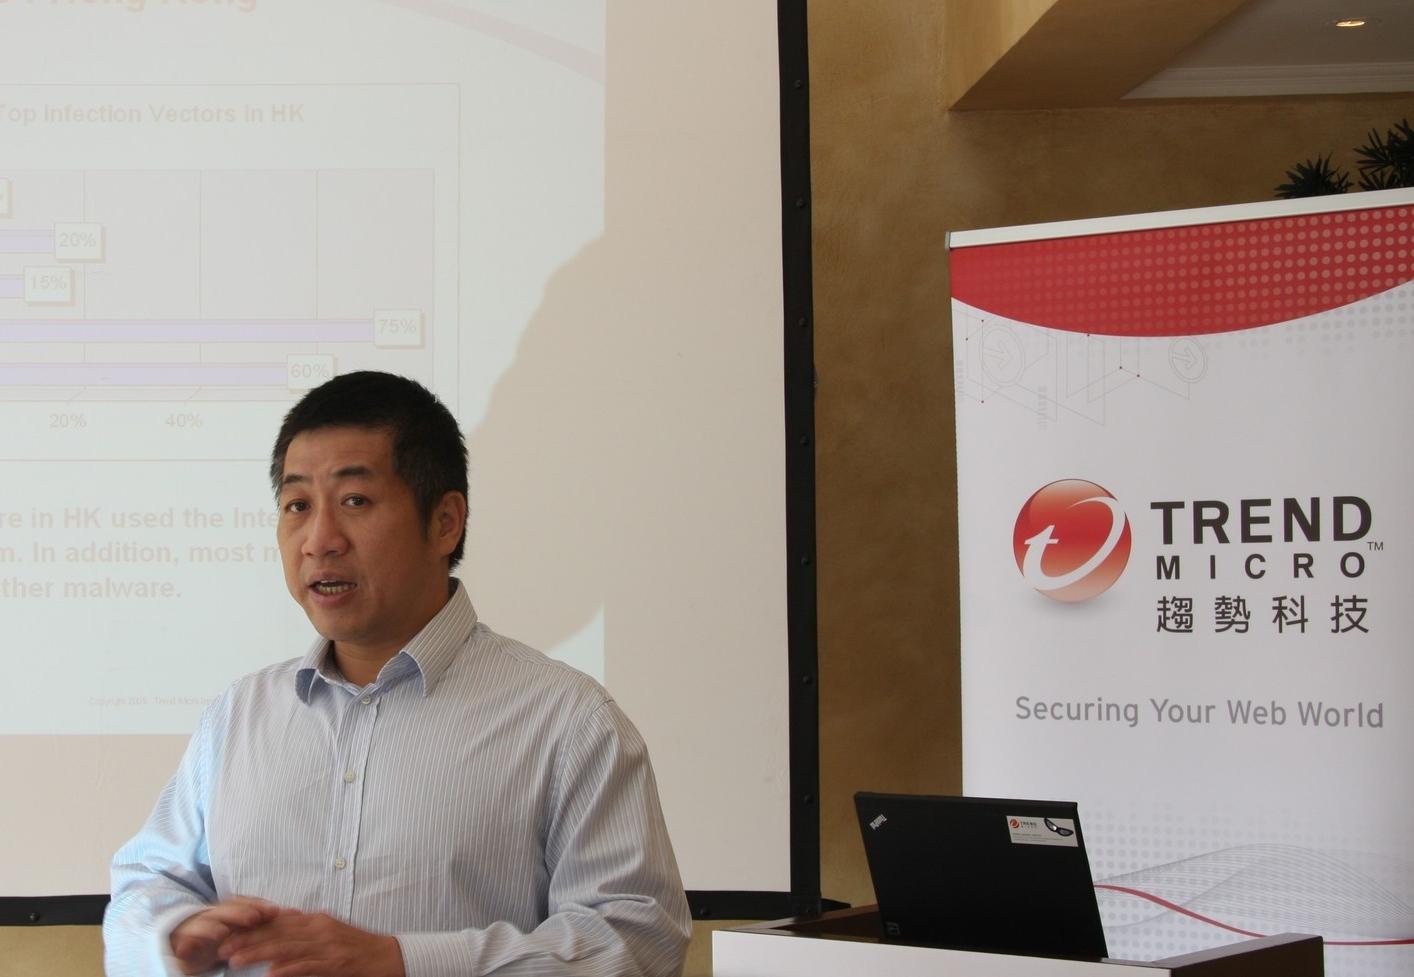 香港上班時間使用社交網絡比率全球升高